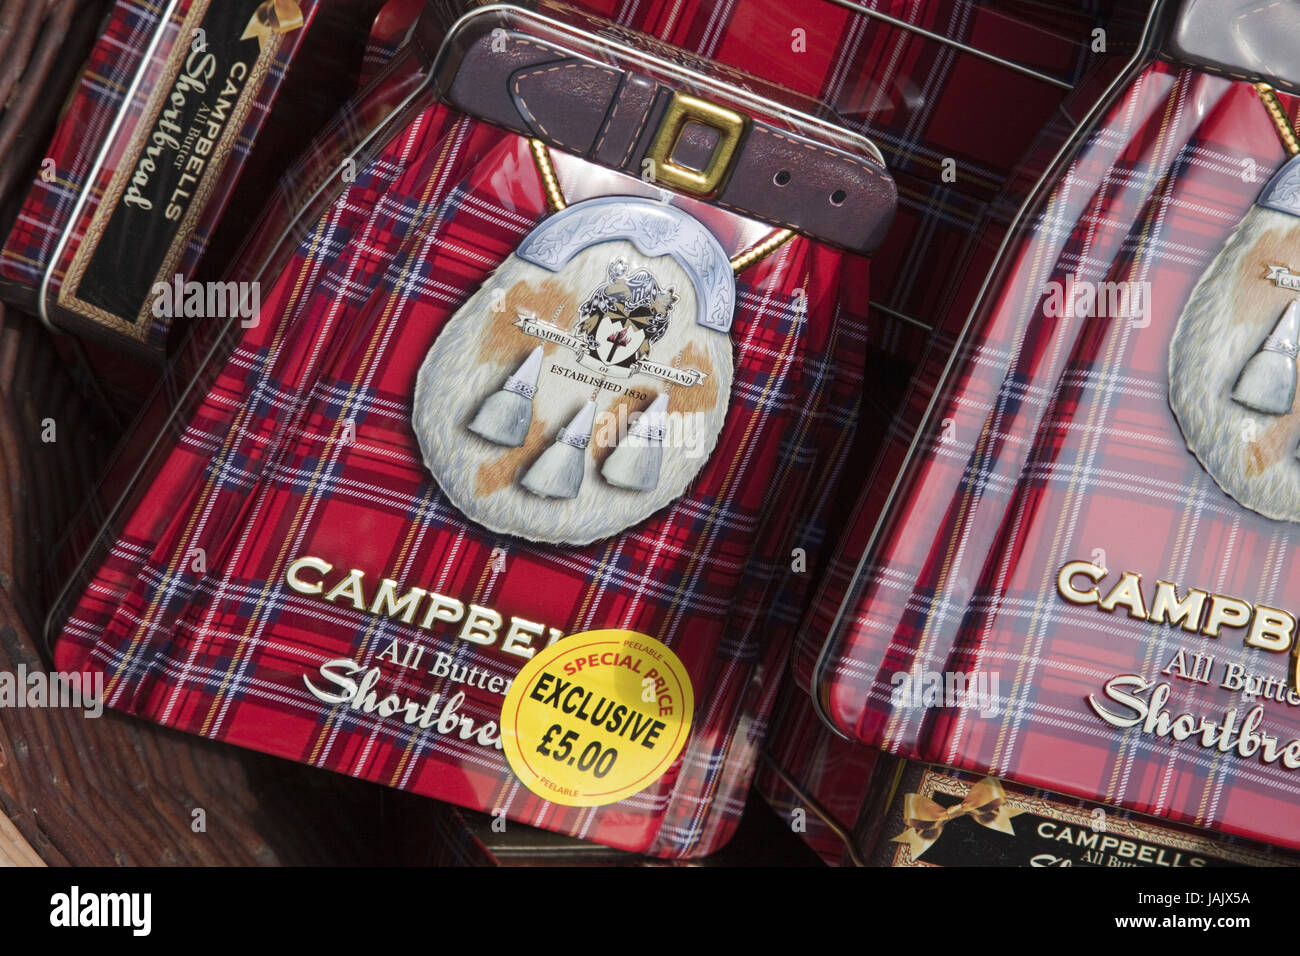 Schottland, Edinburgh, die royal Mile, Geschäft, Vertrieb, Kekse, Umschlag, traditionell, Stockbild